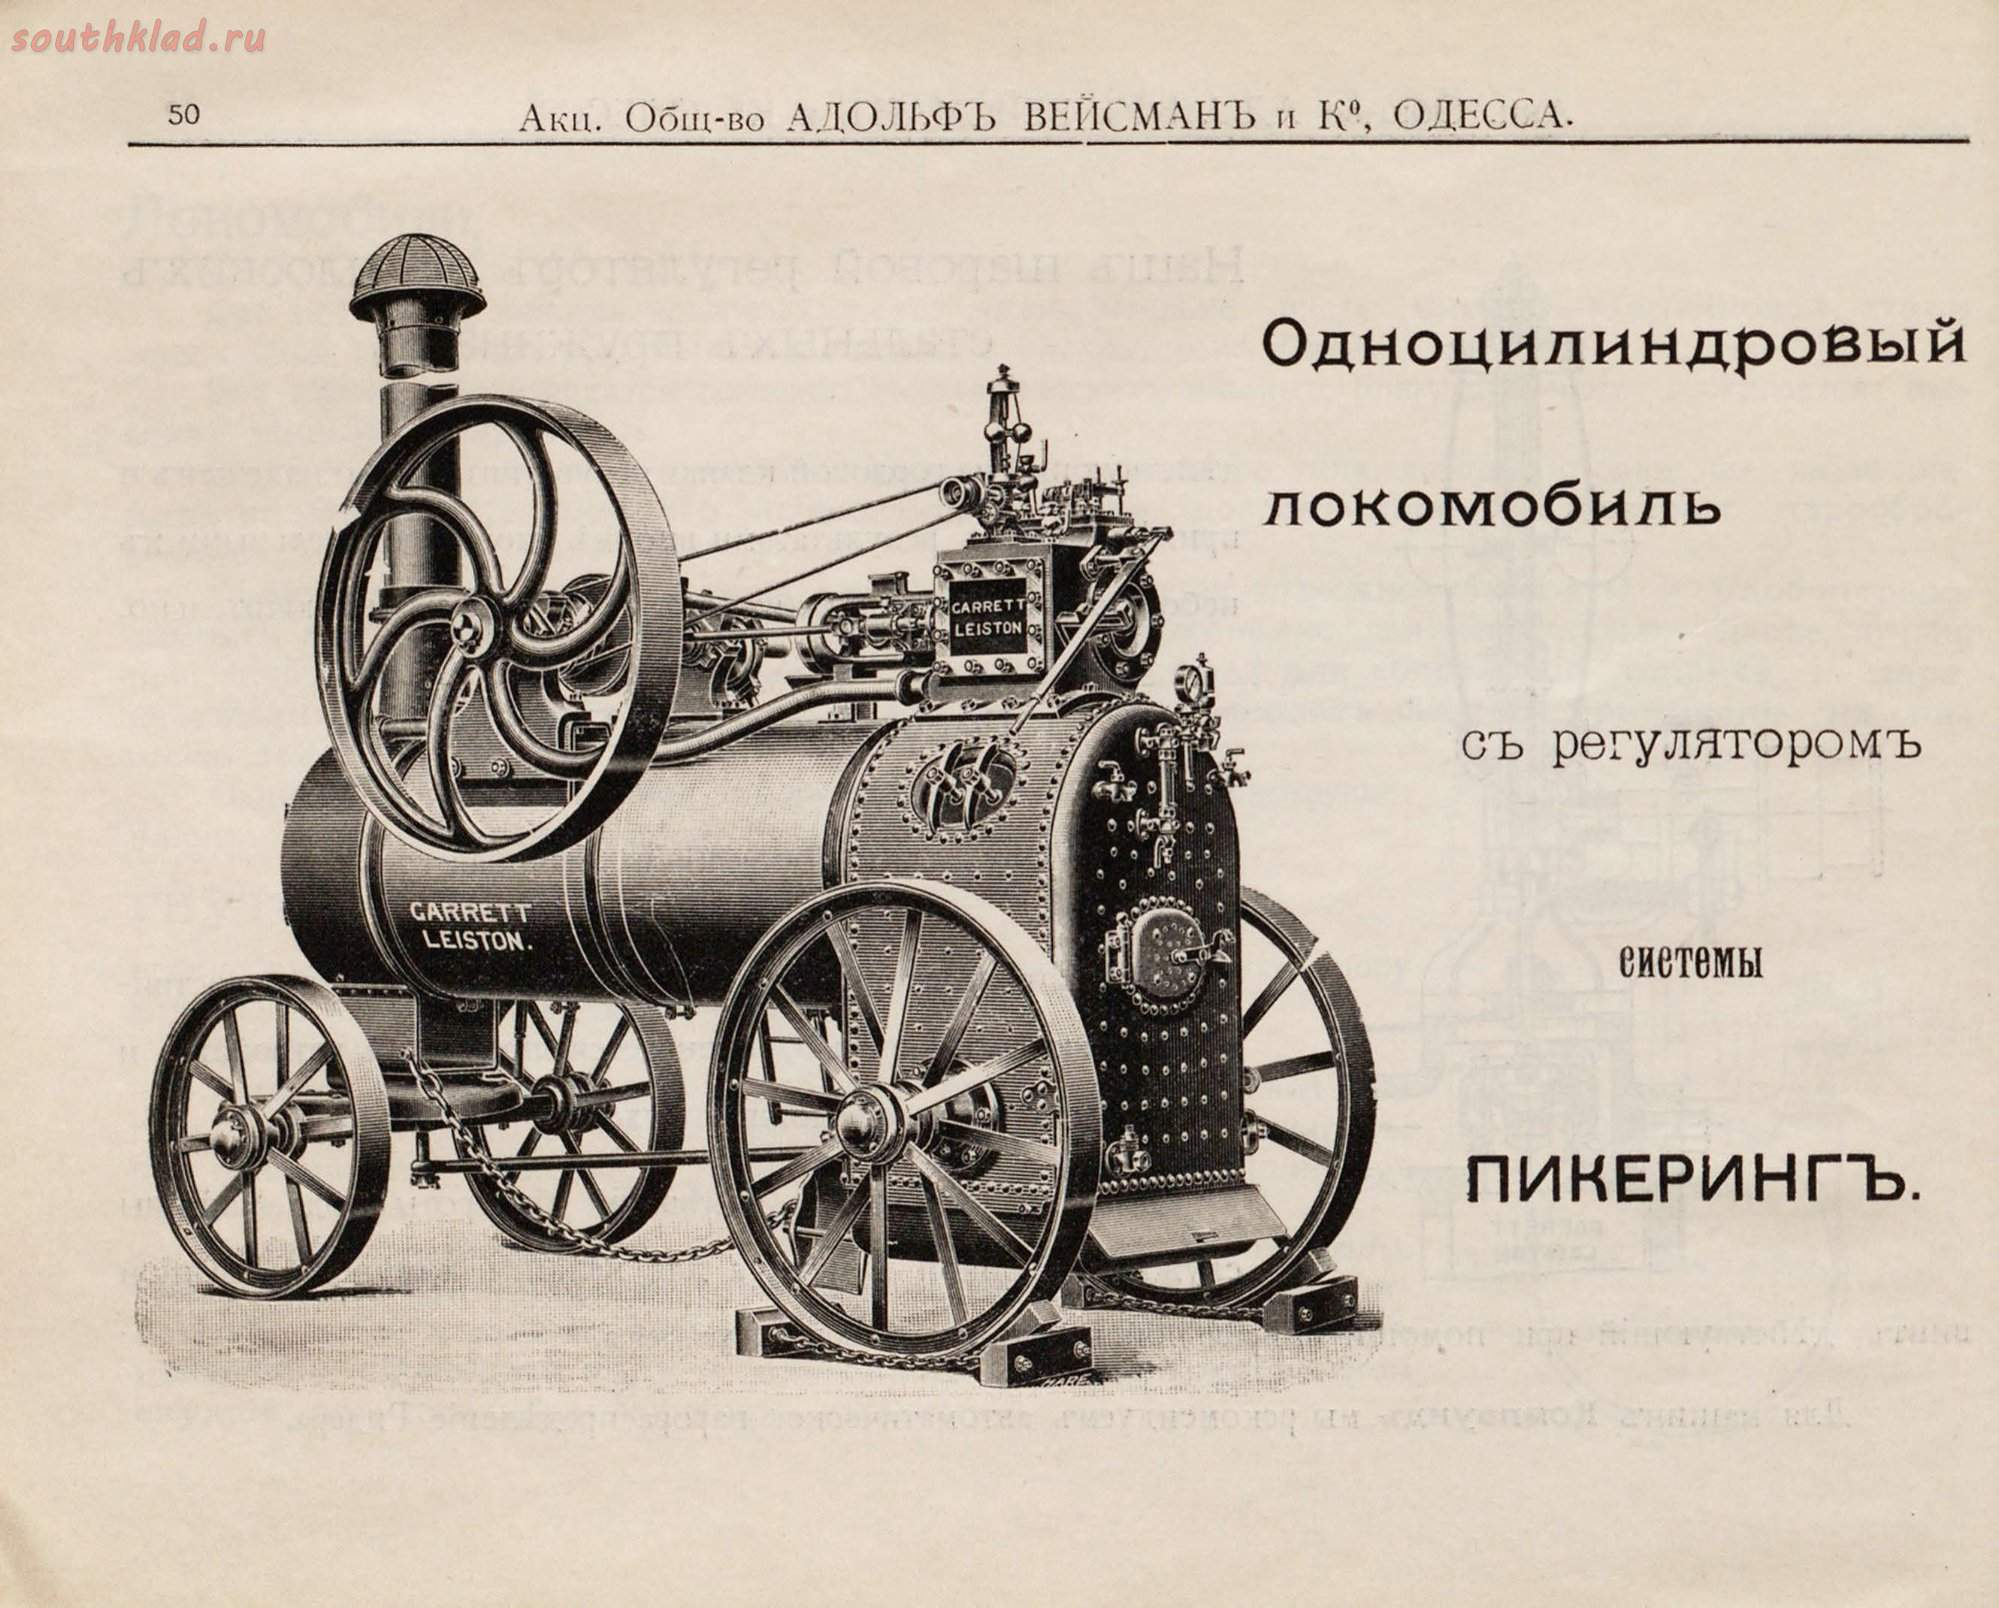 Одноцилиндровый локомобиль ПИКЕРИНГ.